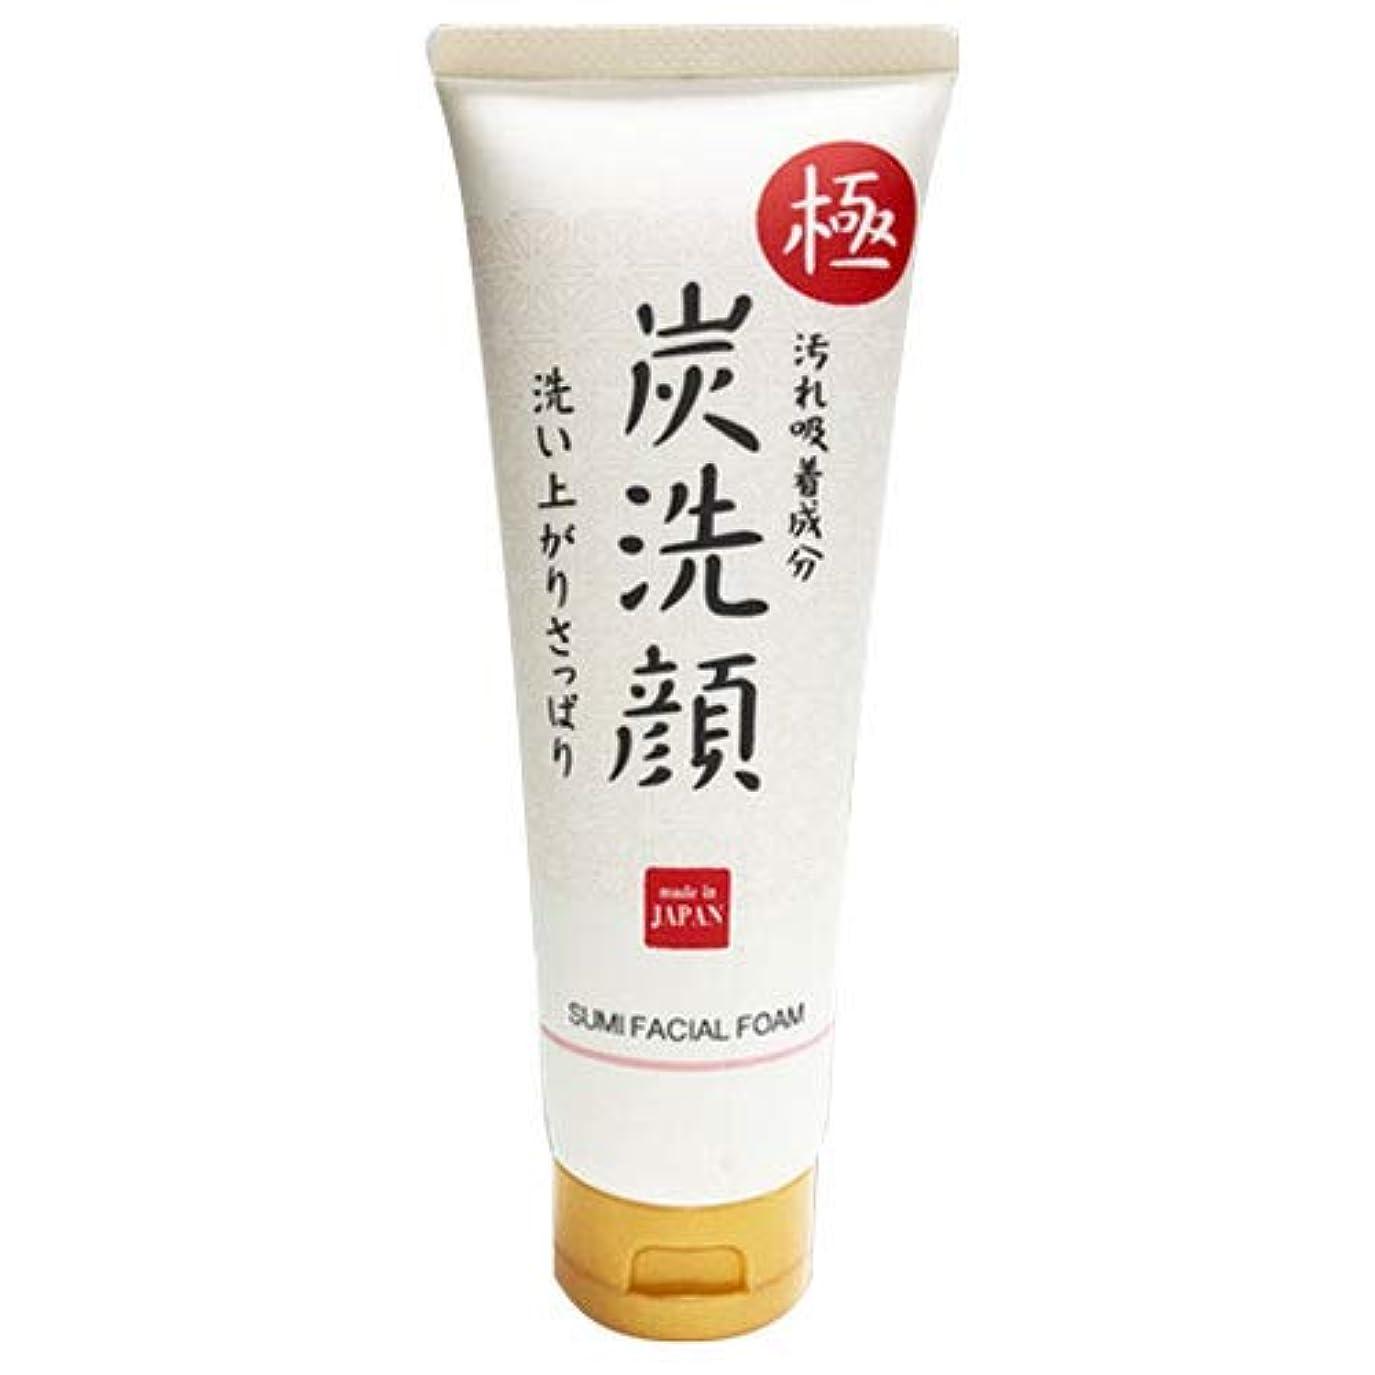 周辺管理しますハッチ極 炭洗顔 日本製 炭 洗顔 フェイスケア 肌 美容 スキンケア クレンジング 素肌 もっちり泡洗顔 化粧品 メイク落とし 毛穴ケア 毛穴汚れ